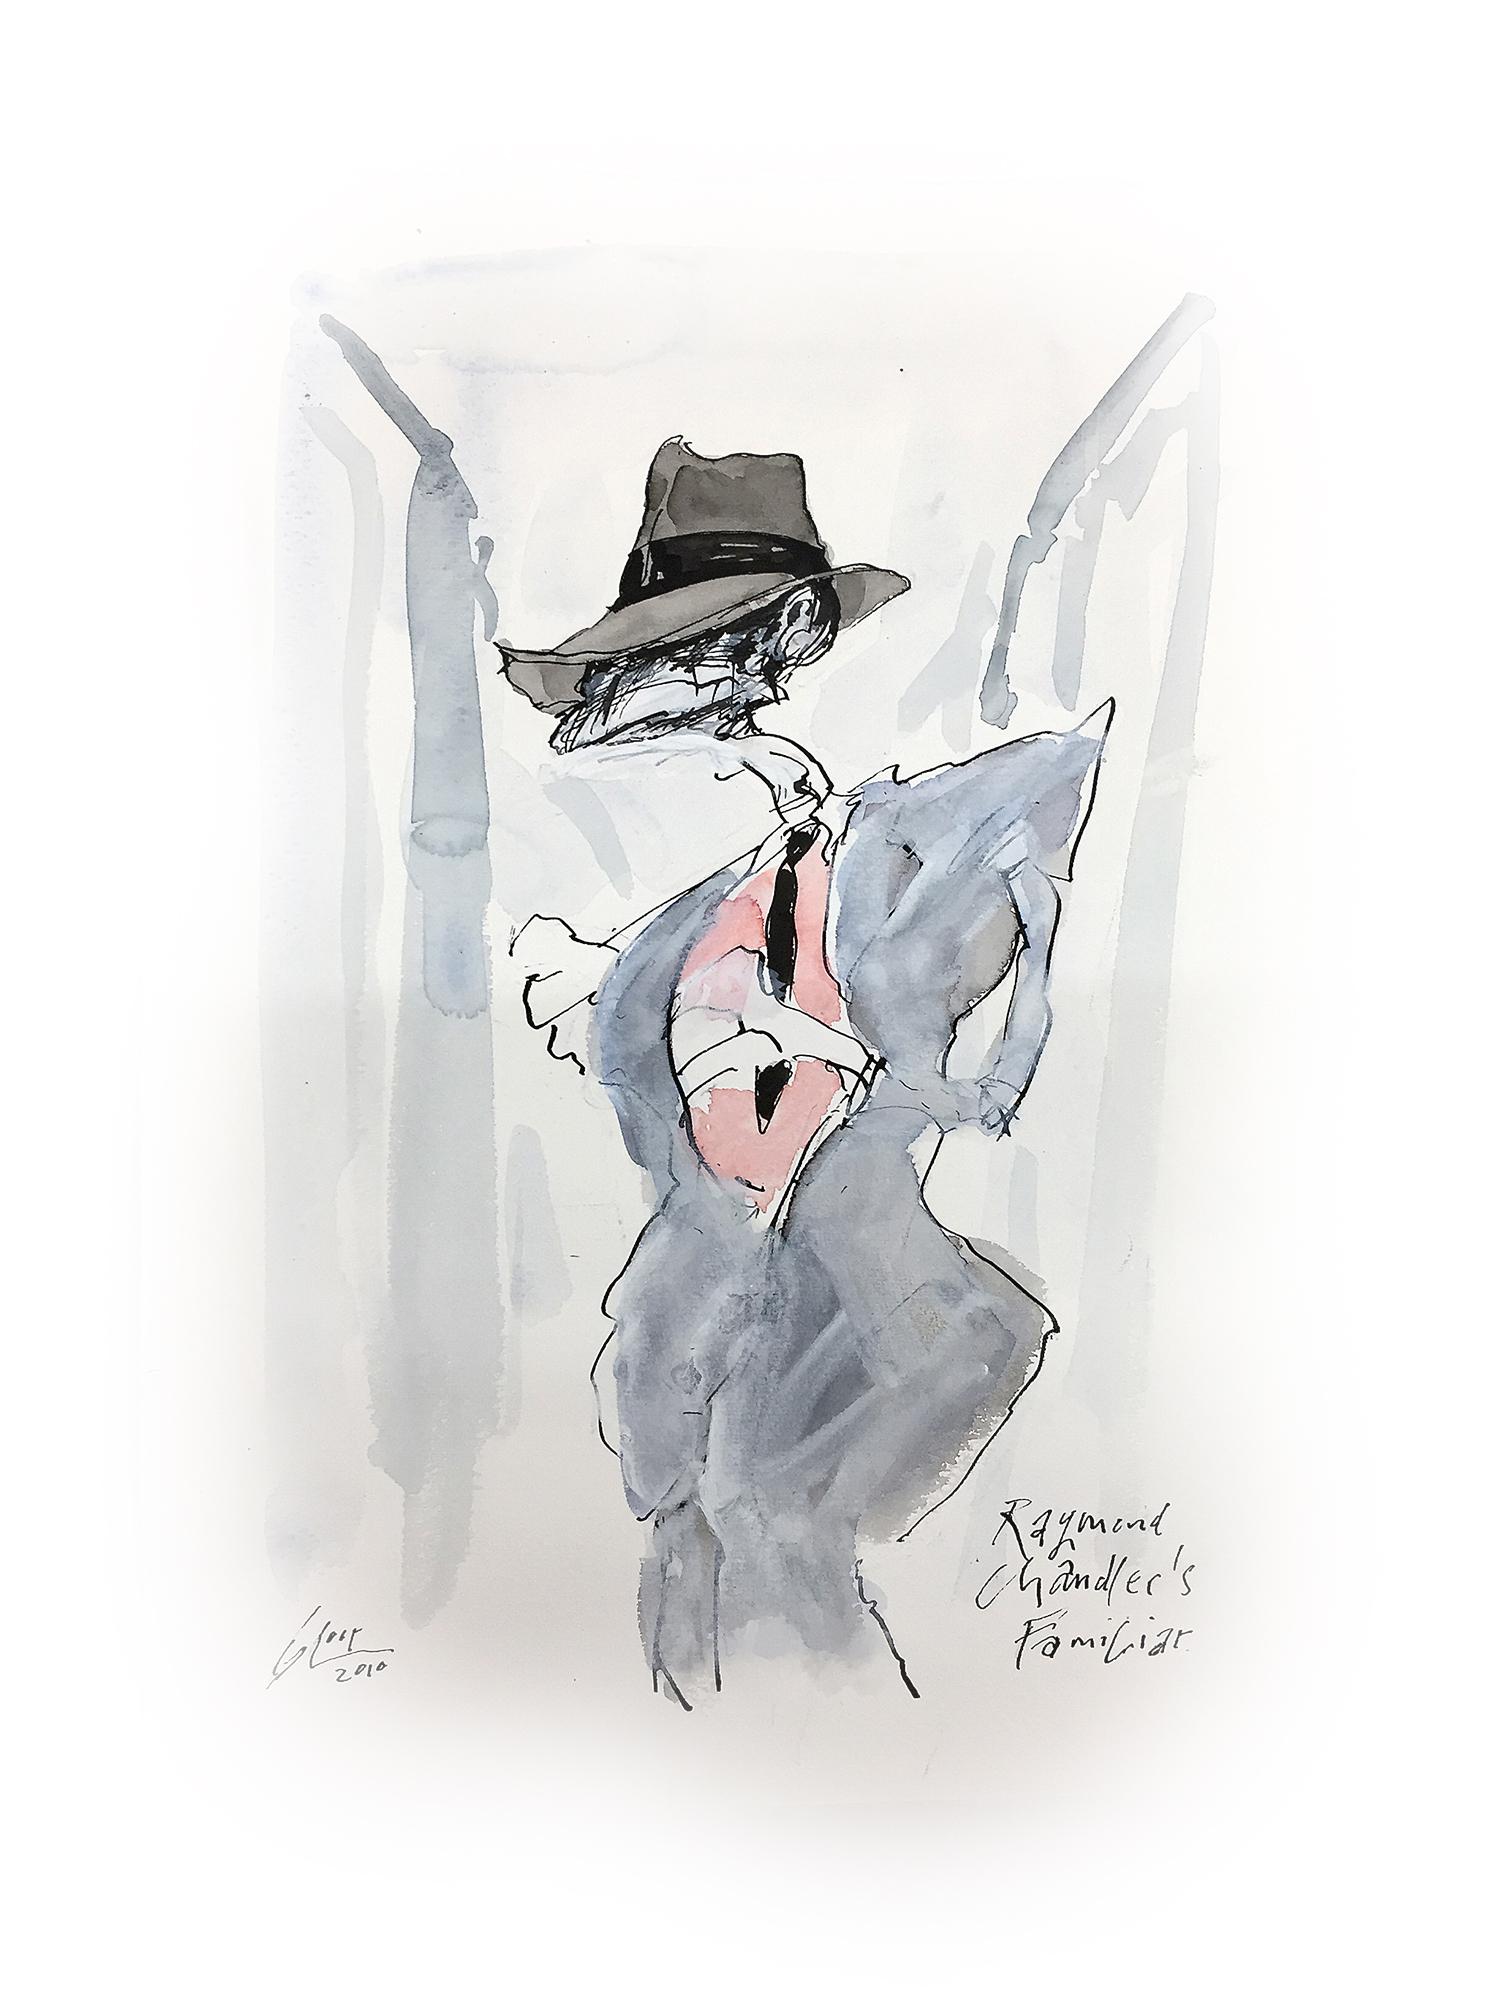 Raymond Chandler Familiar, 2010, Mischtechnik auf Zeichenpapier, ca. 20 x 28 cm